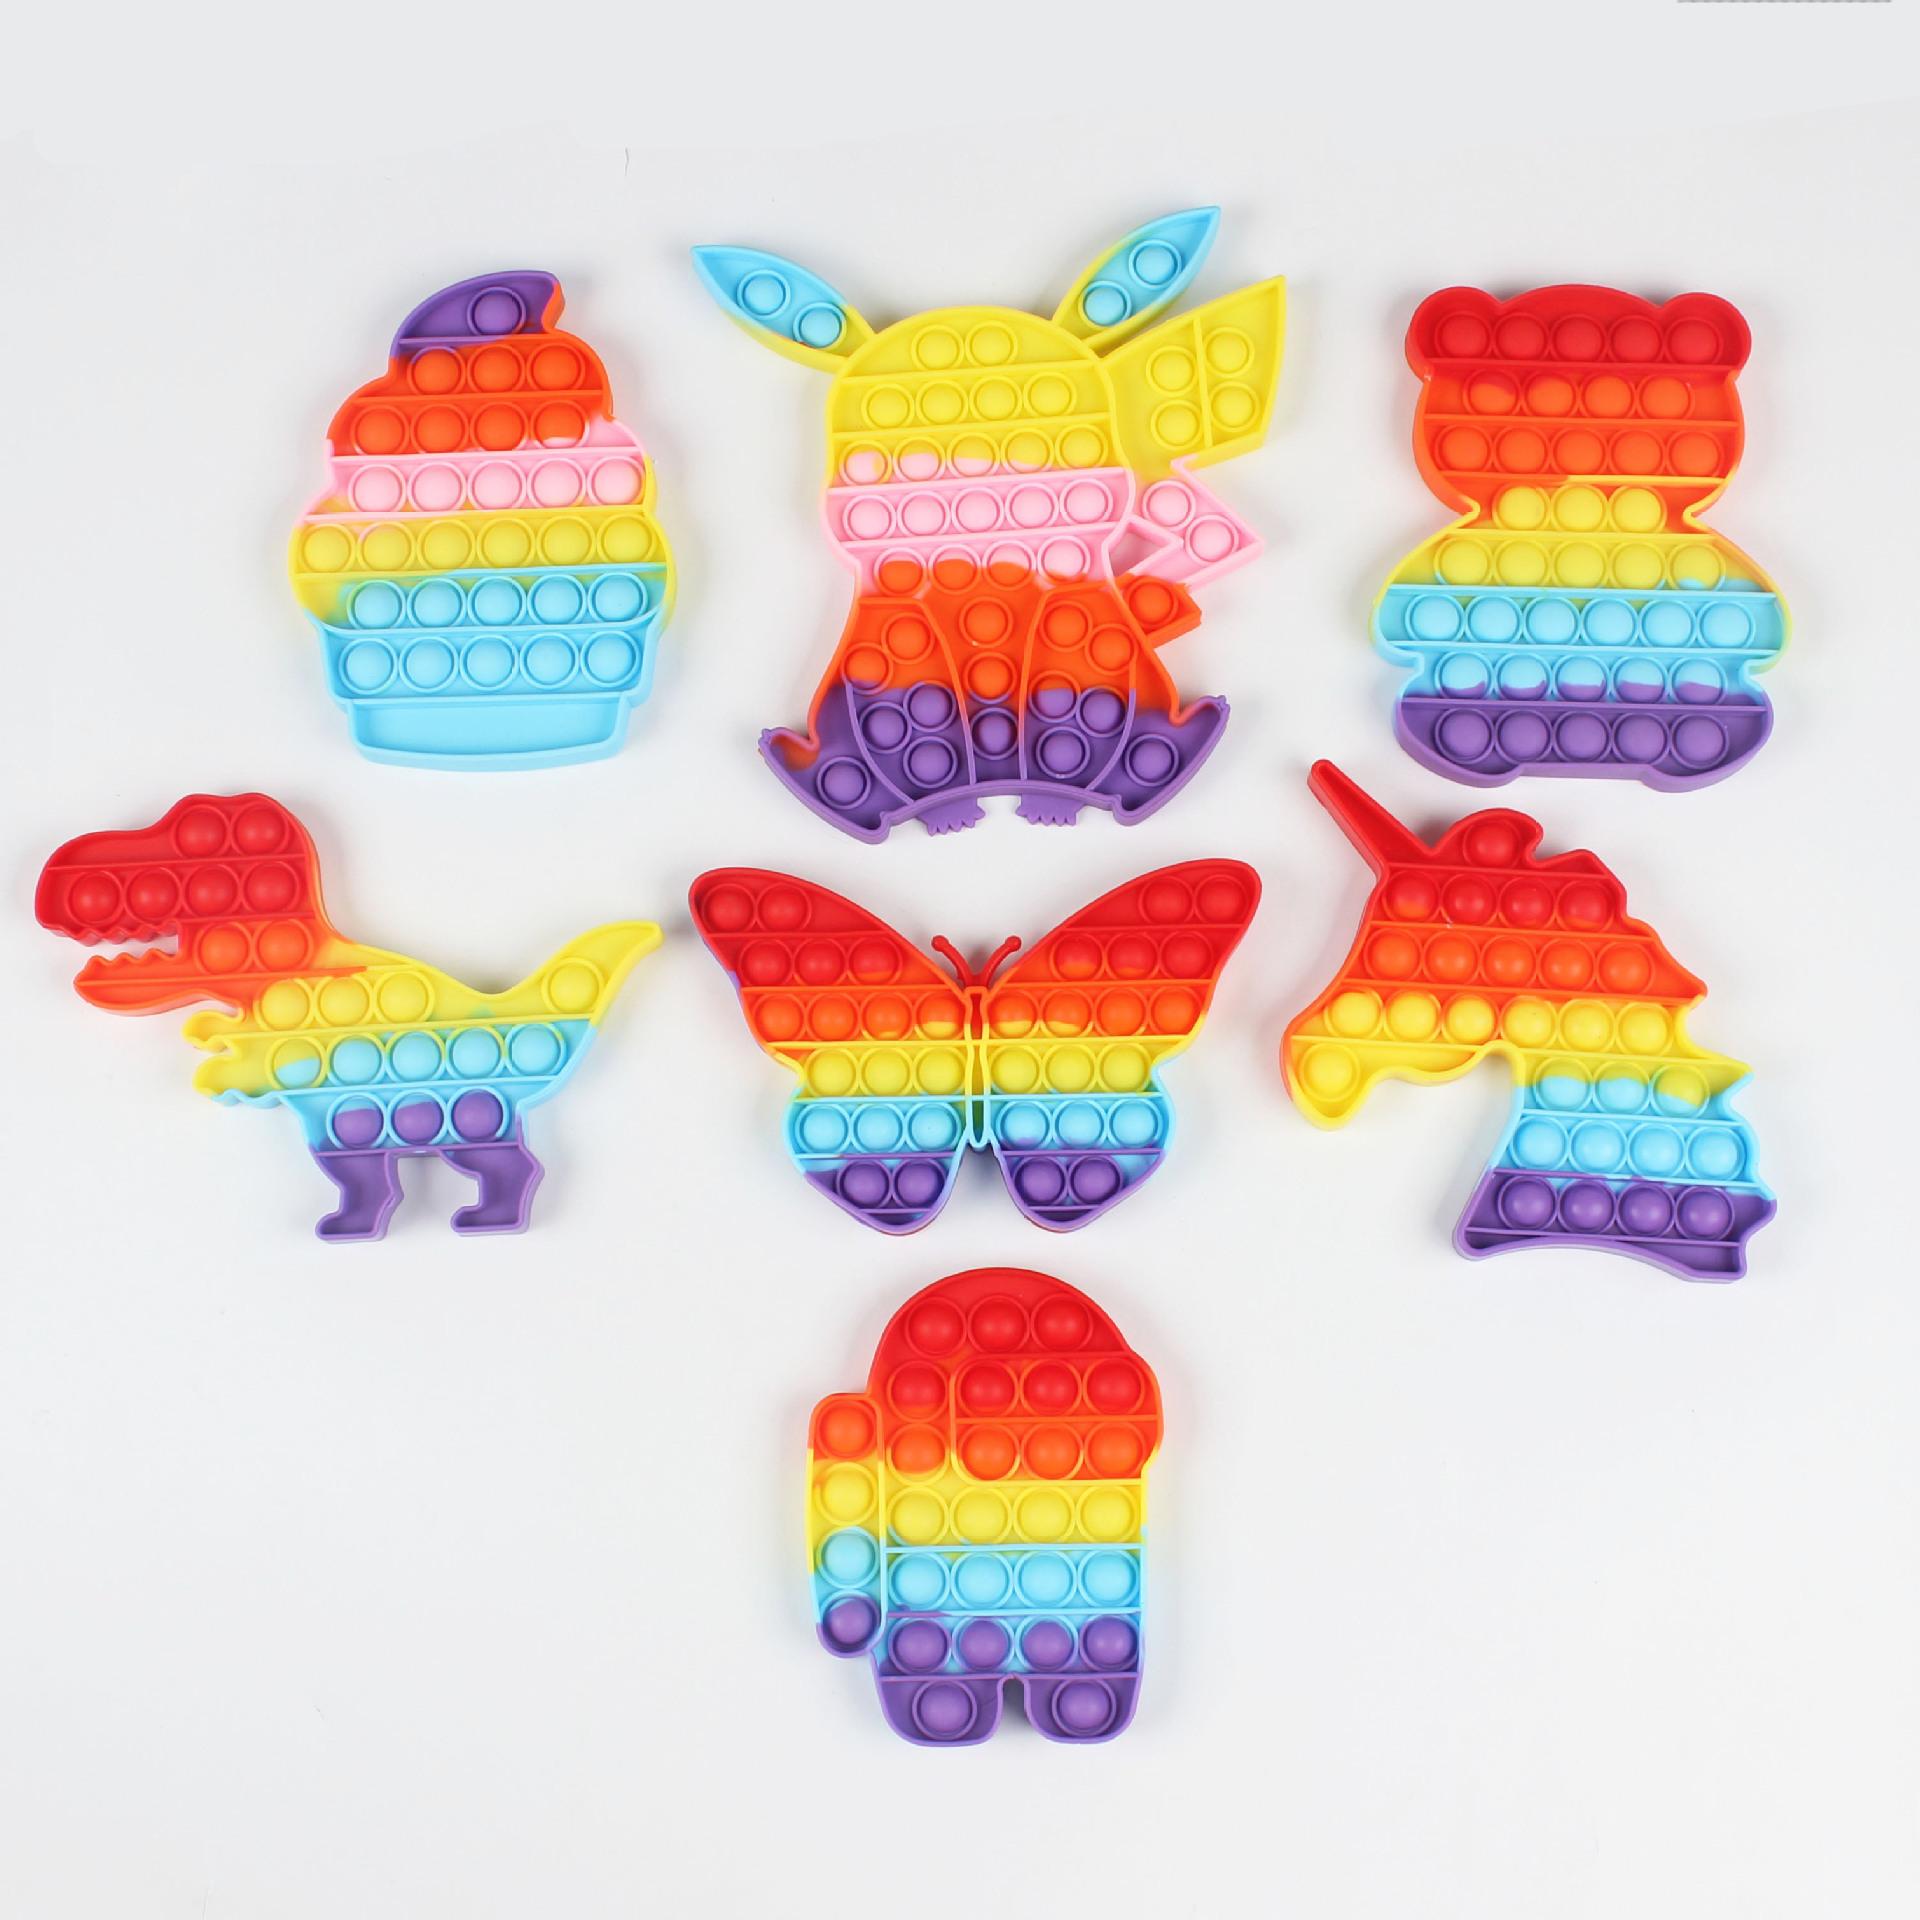 新品GoBang灭鼠先锋玩具多功效硅胶彩虹圆形桌面玩具厂家现货直供